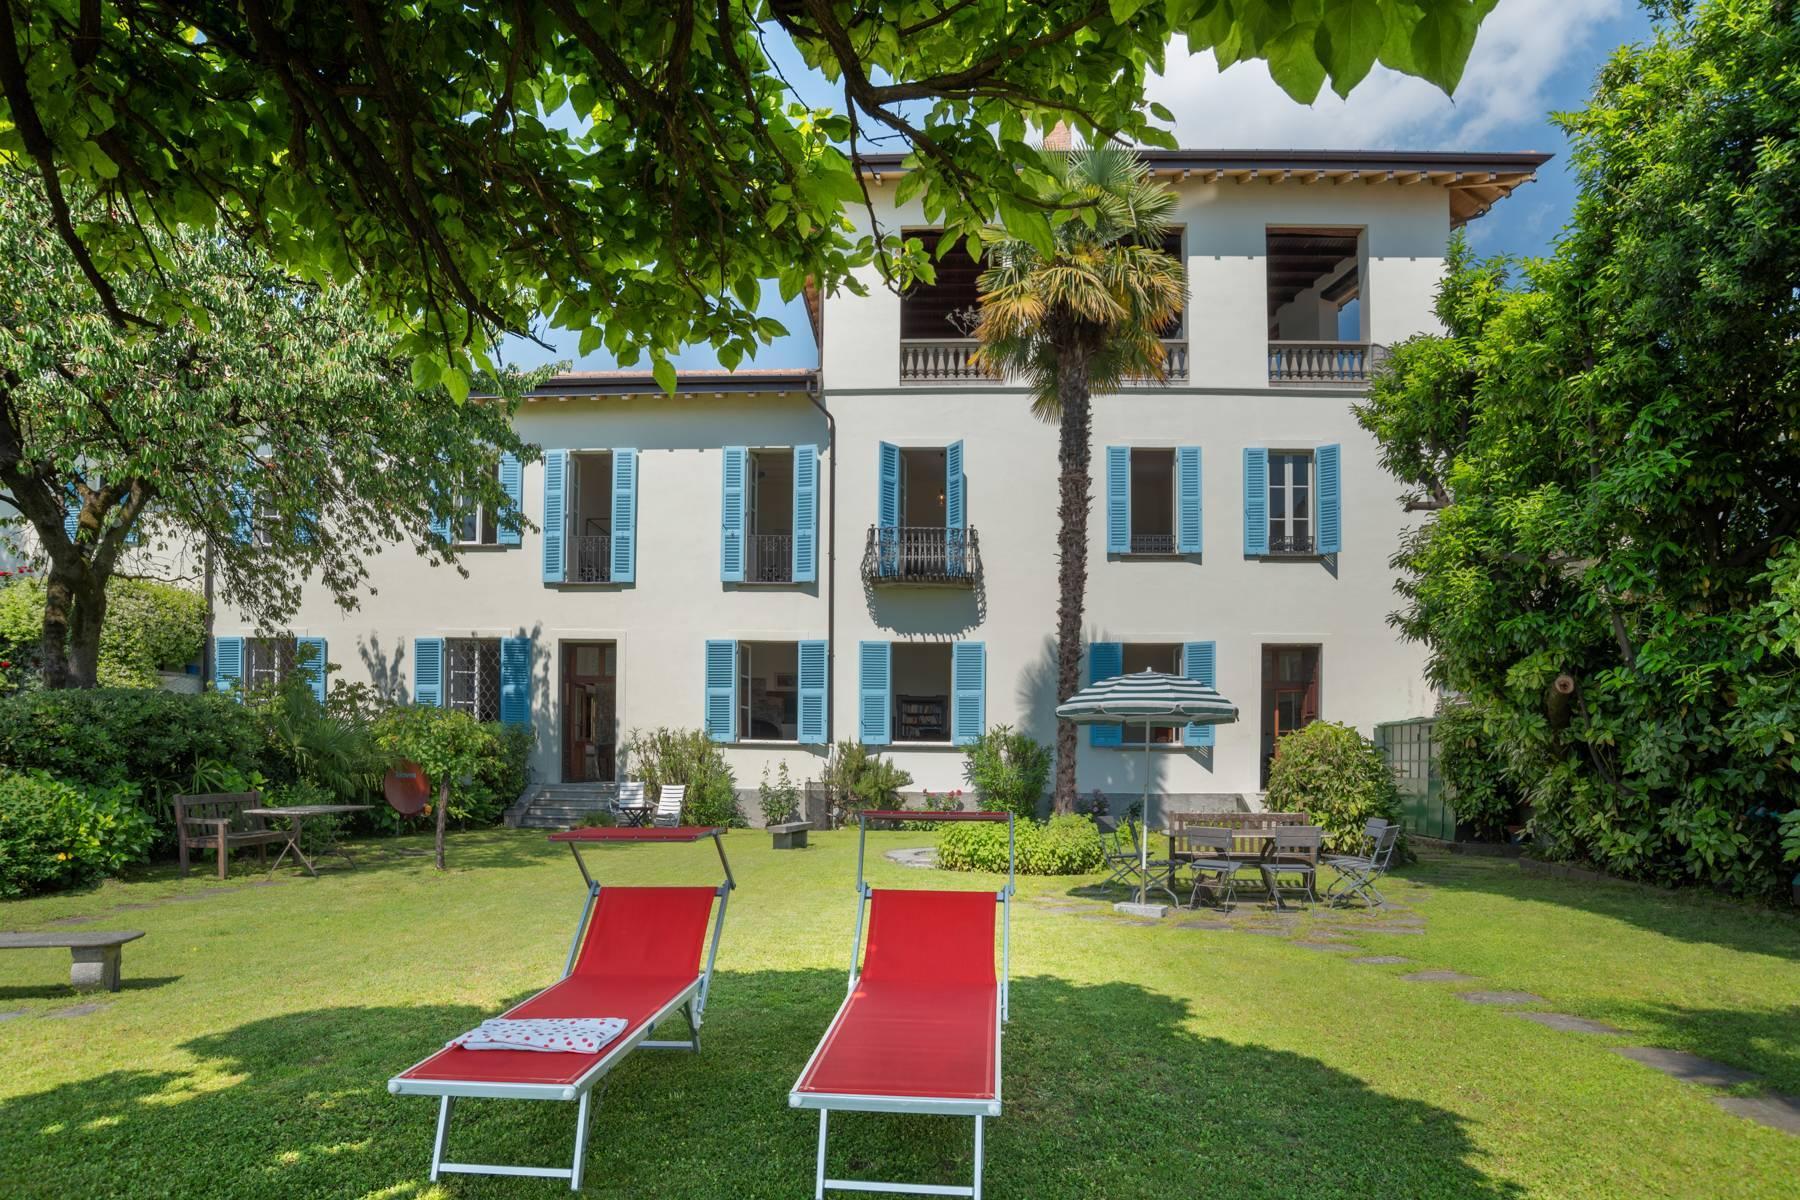 Casa storica direttamente sul lago Maggiore - 5